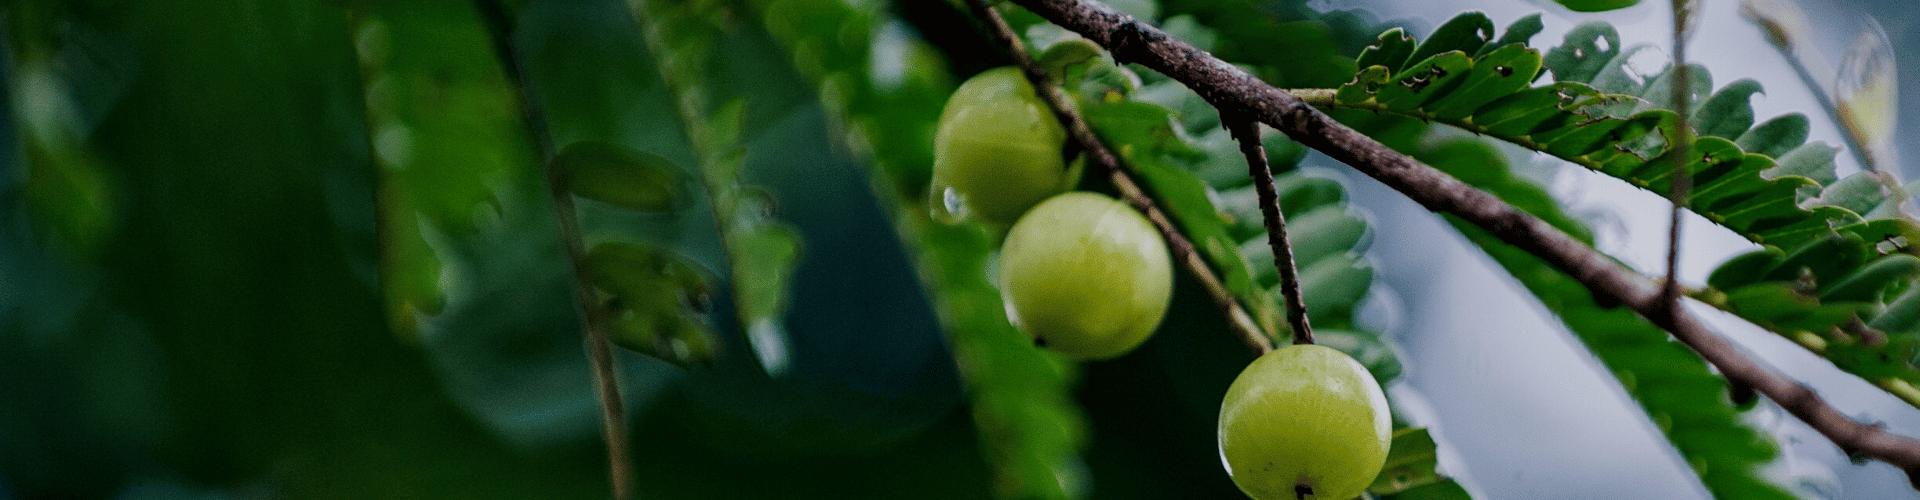 Ogaenics-Zutaten-Bio-Amla